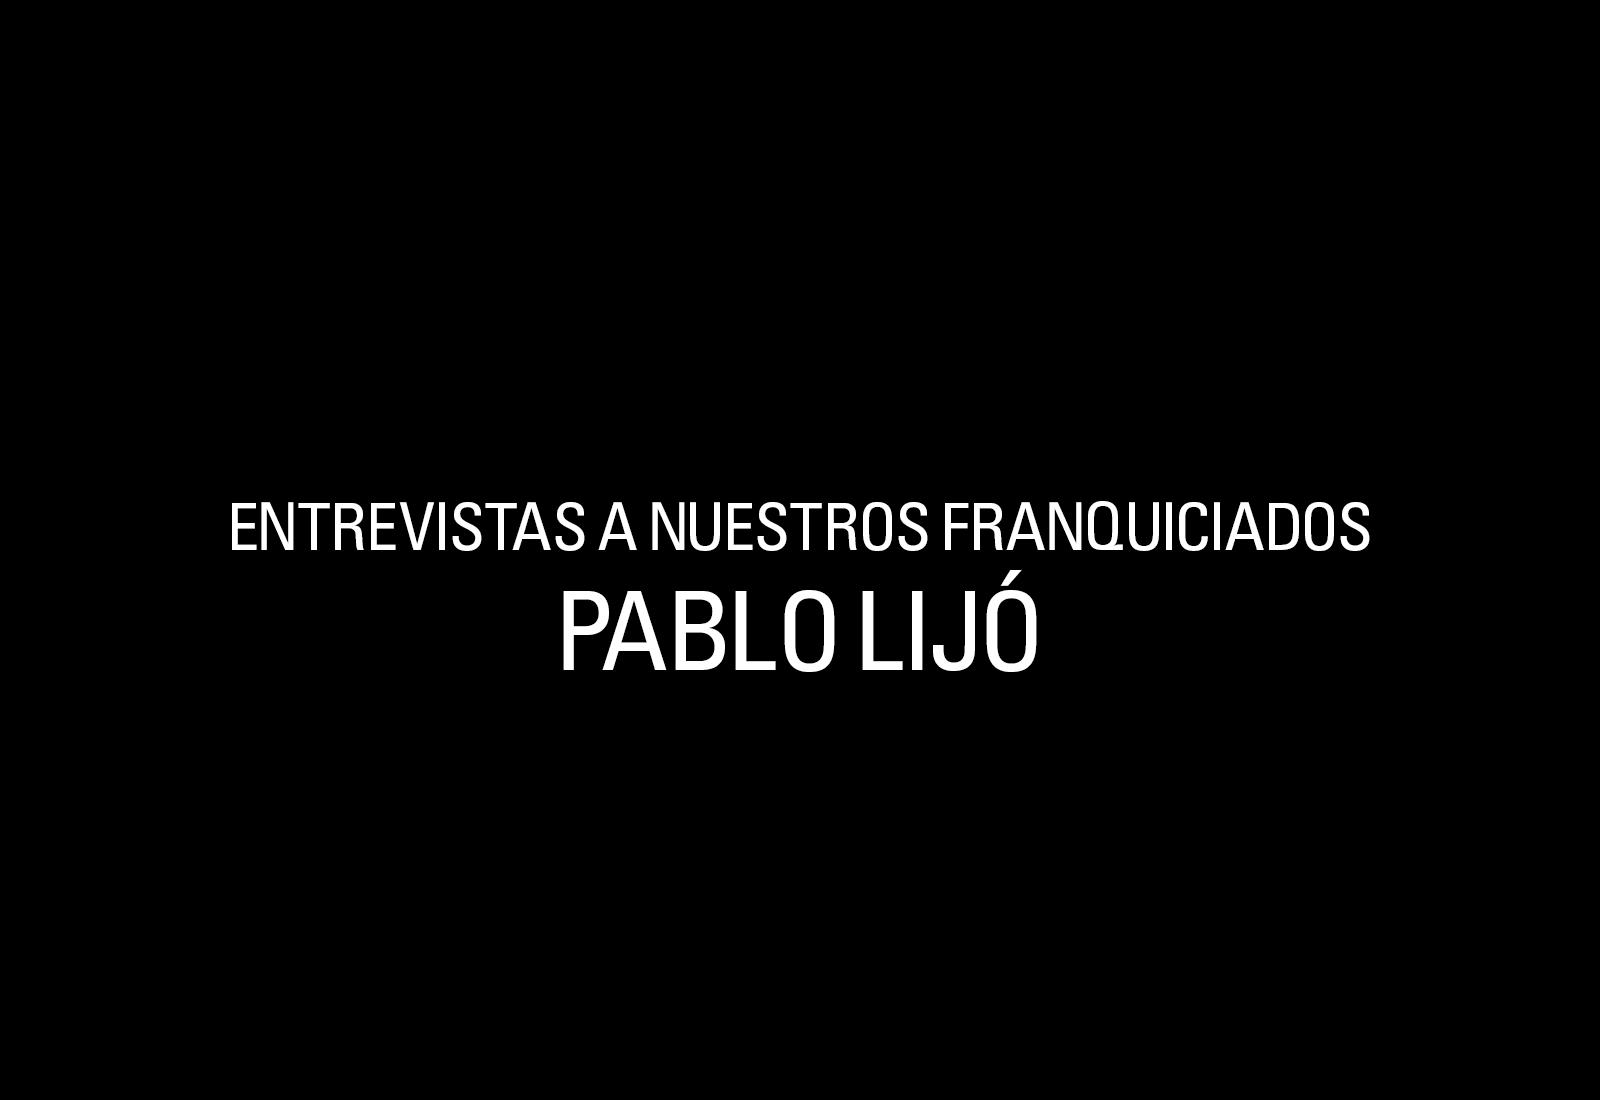 Entrevista A Nuestros Franquiciados: Pablo Lijó